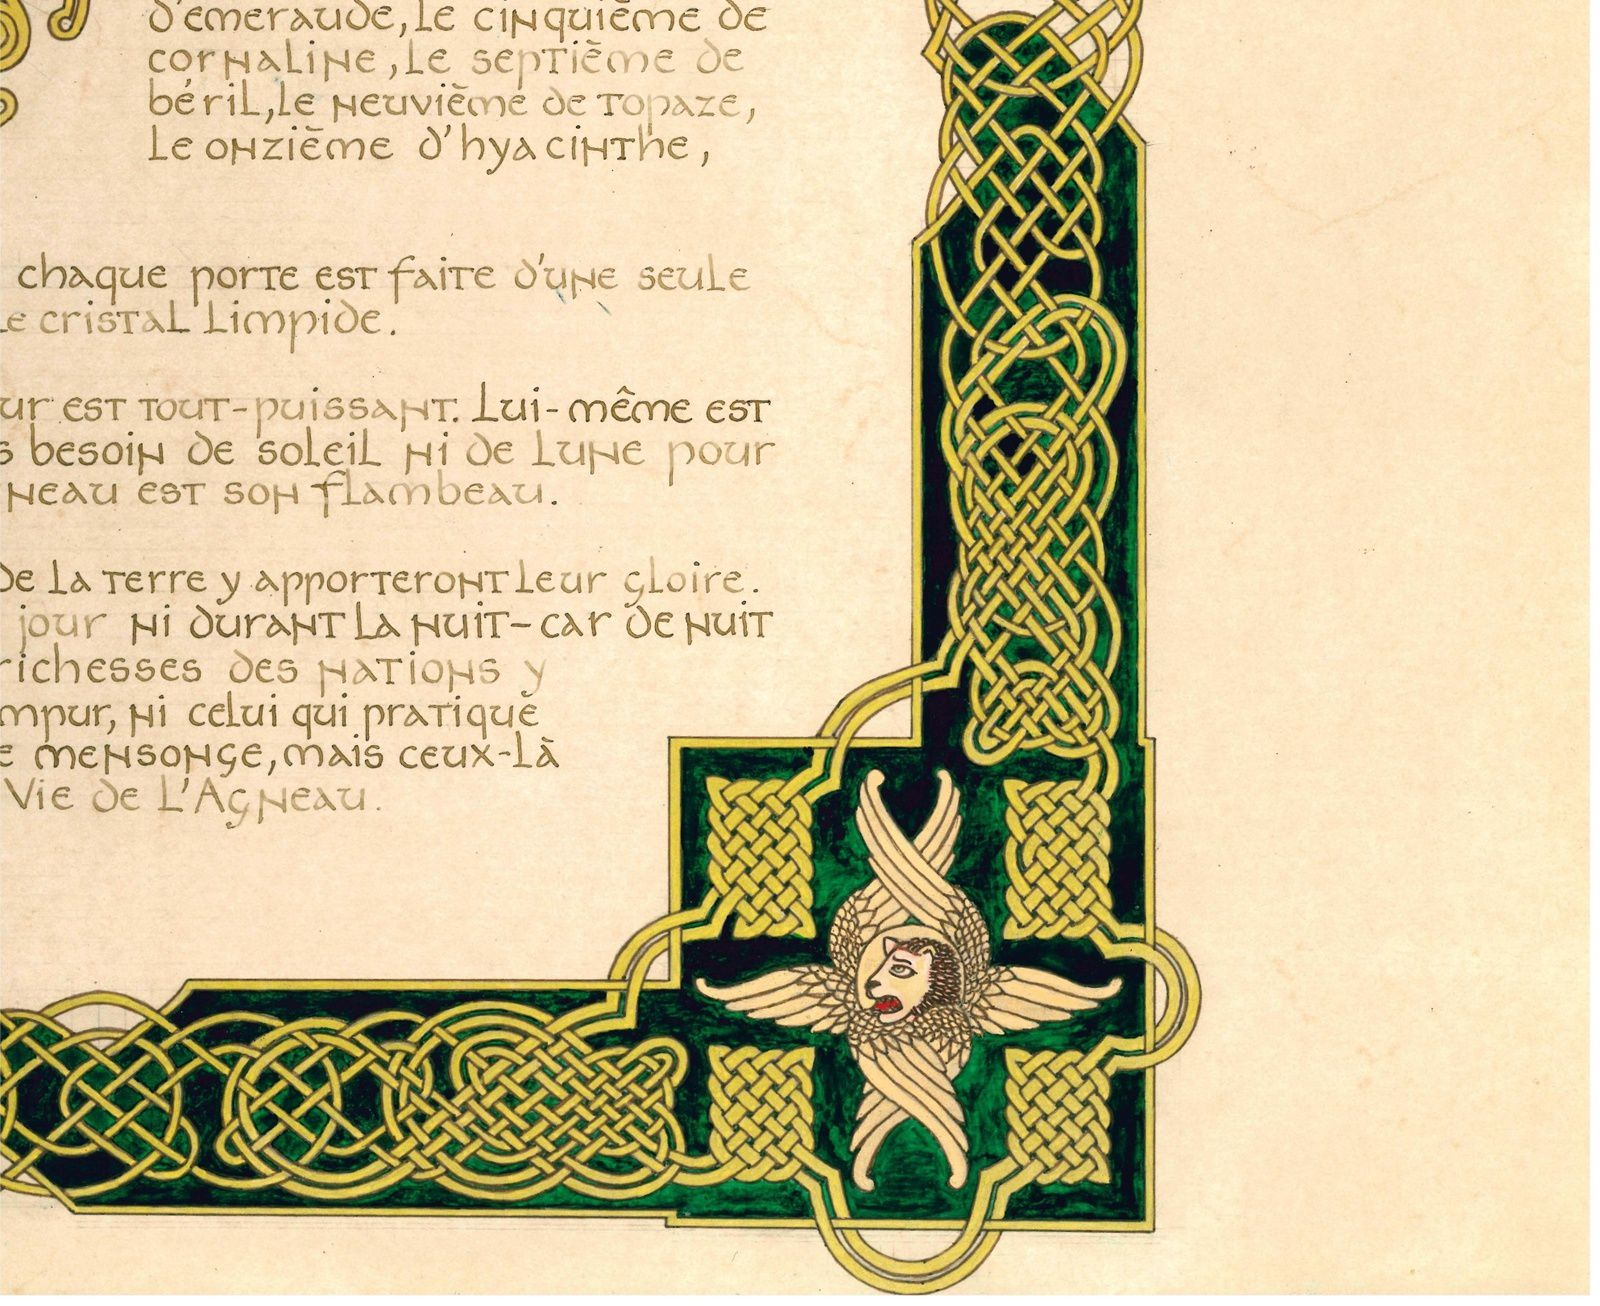 Calligraphie et enluminure d'un texte de l'Apocalypse